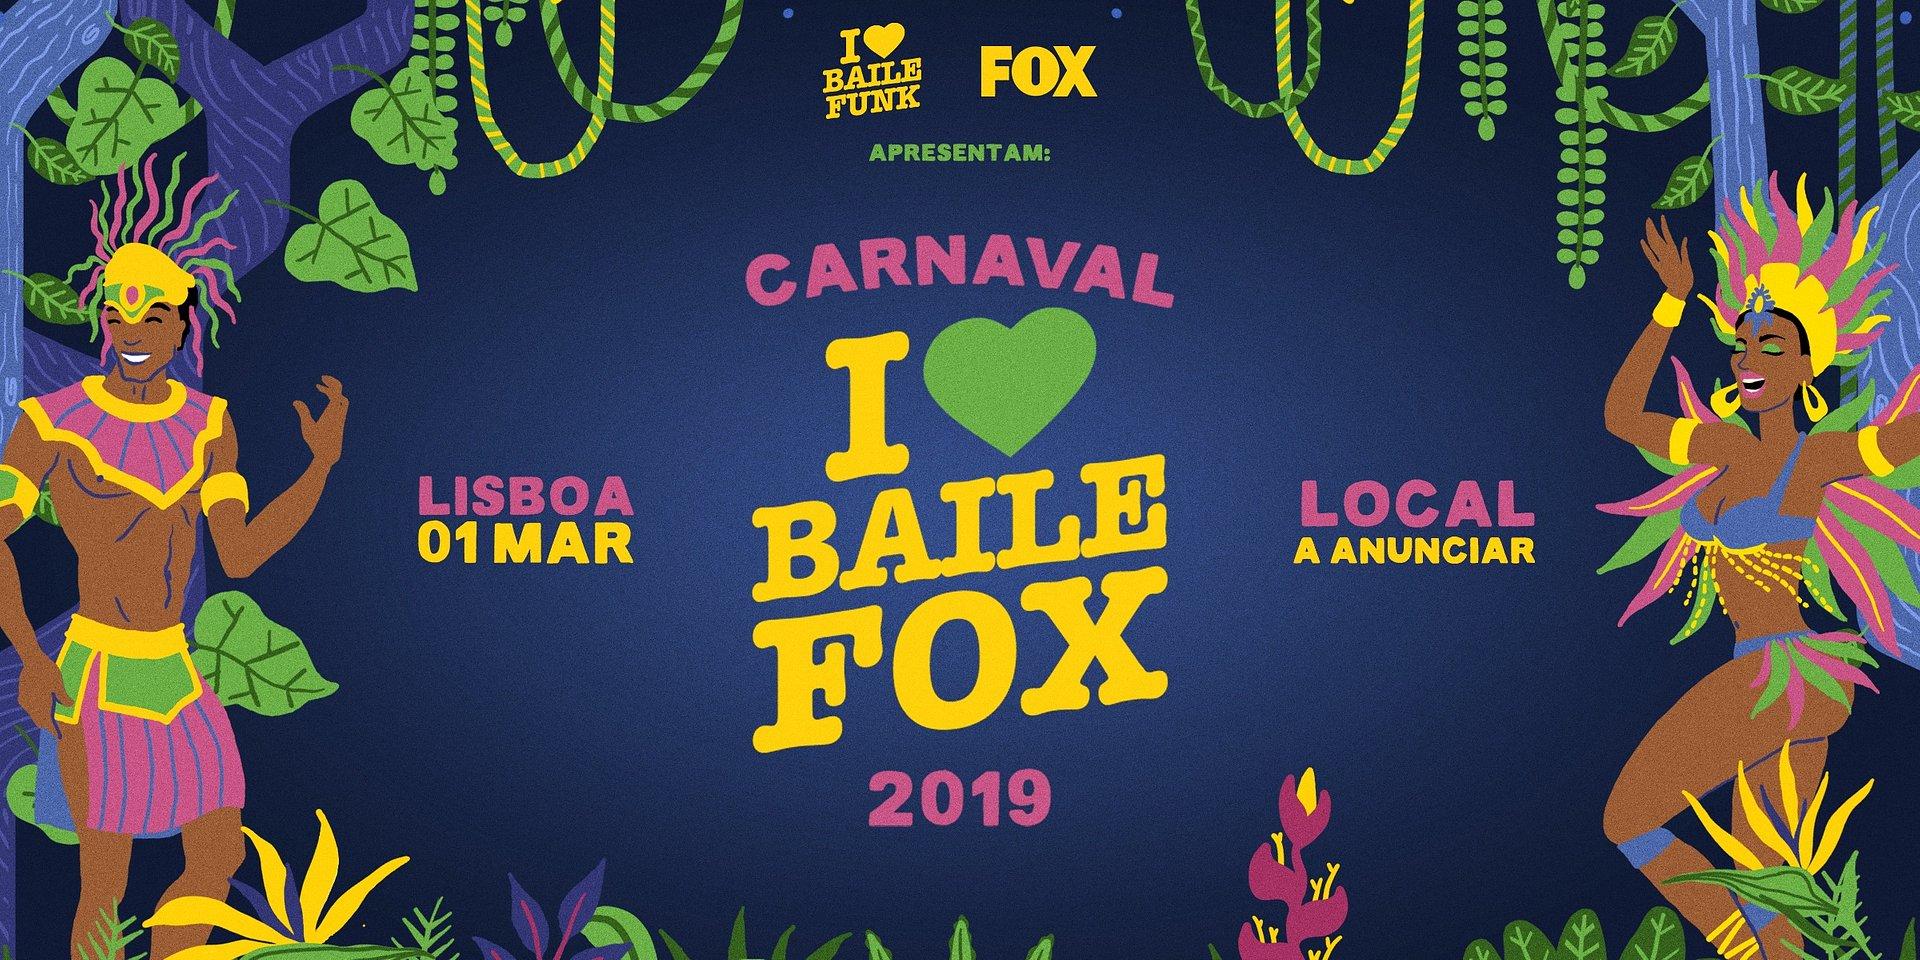 """I LOVE BAILE FOX. CARNAVAL EM LISBOA JUNTA FOX E """"I LOVE BAILE FUNK"""""""